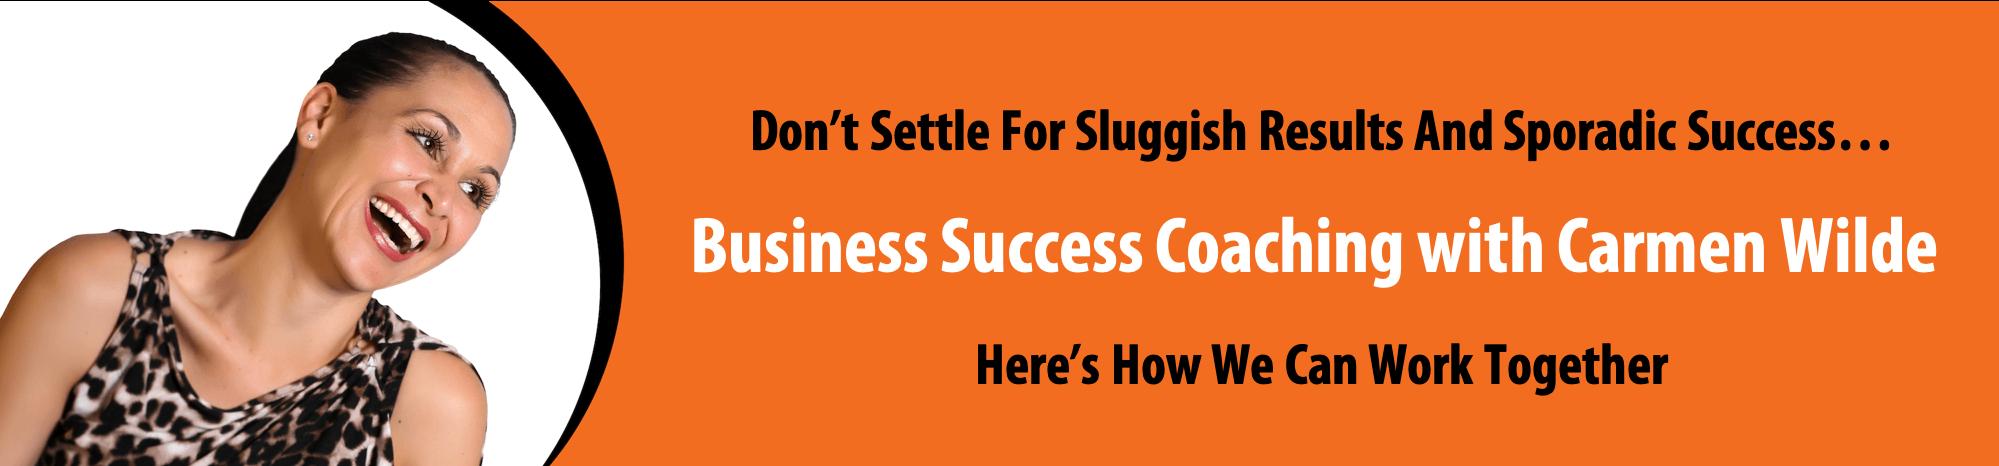 Wilde Success, Business Coach, Business Coaching, Carmen Wilde